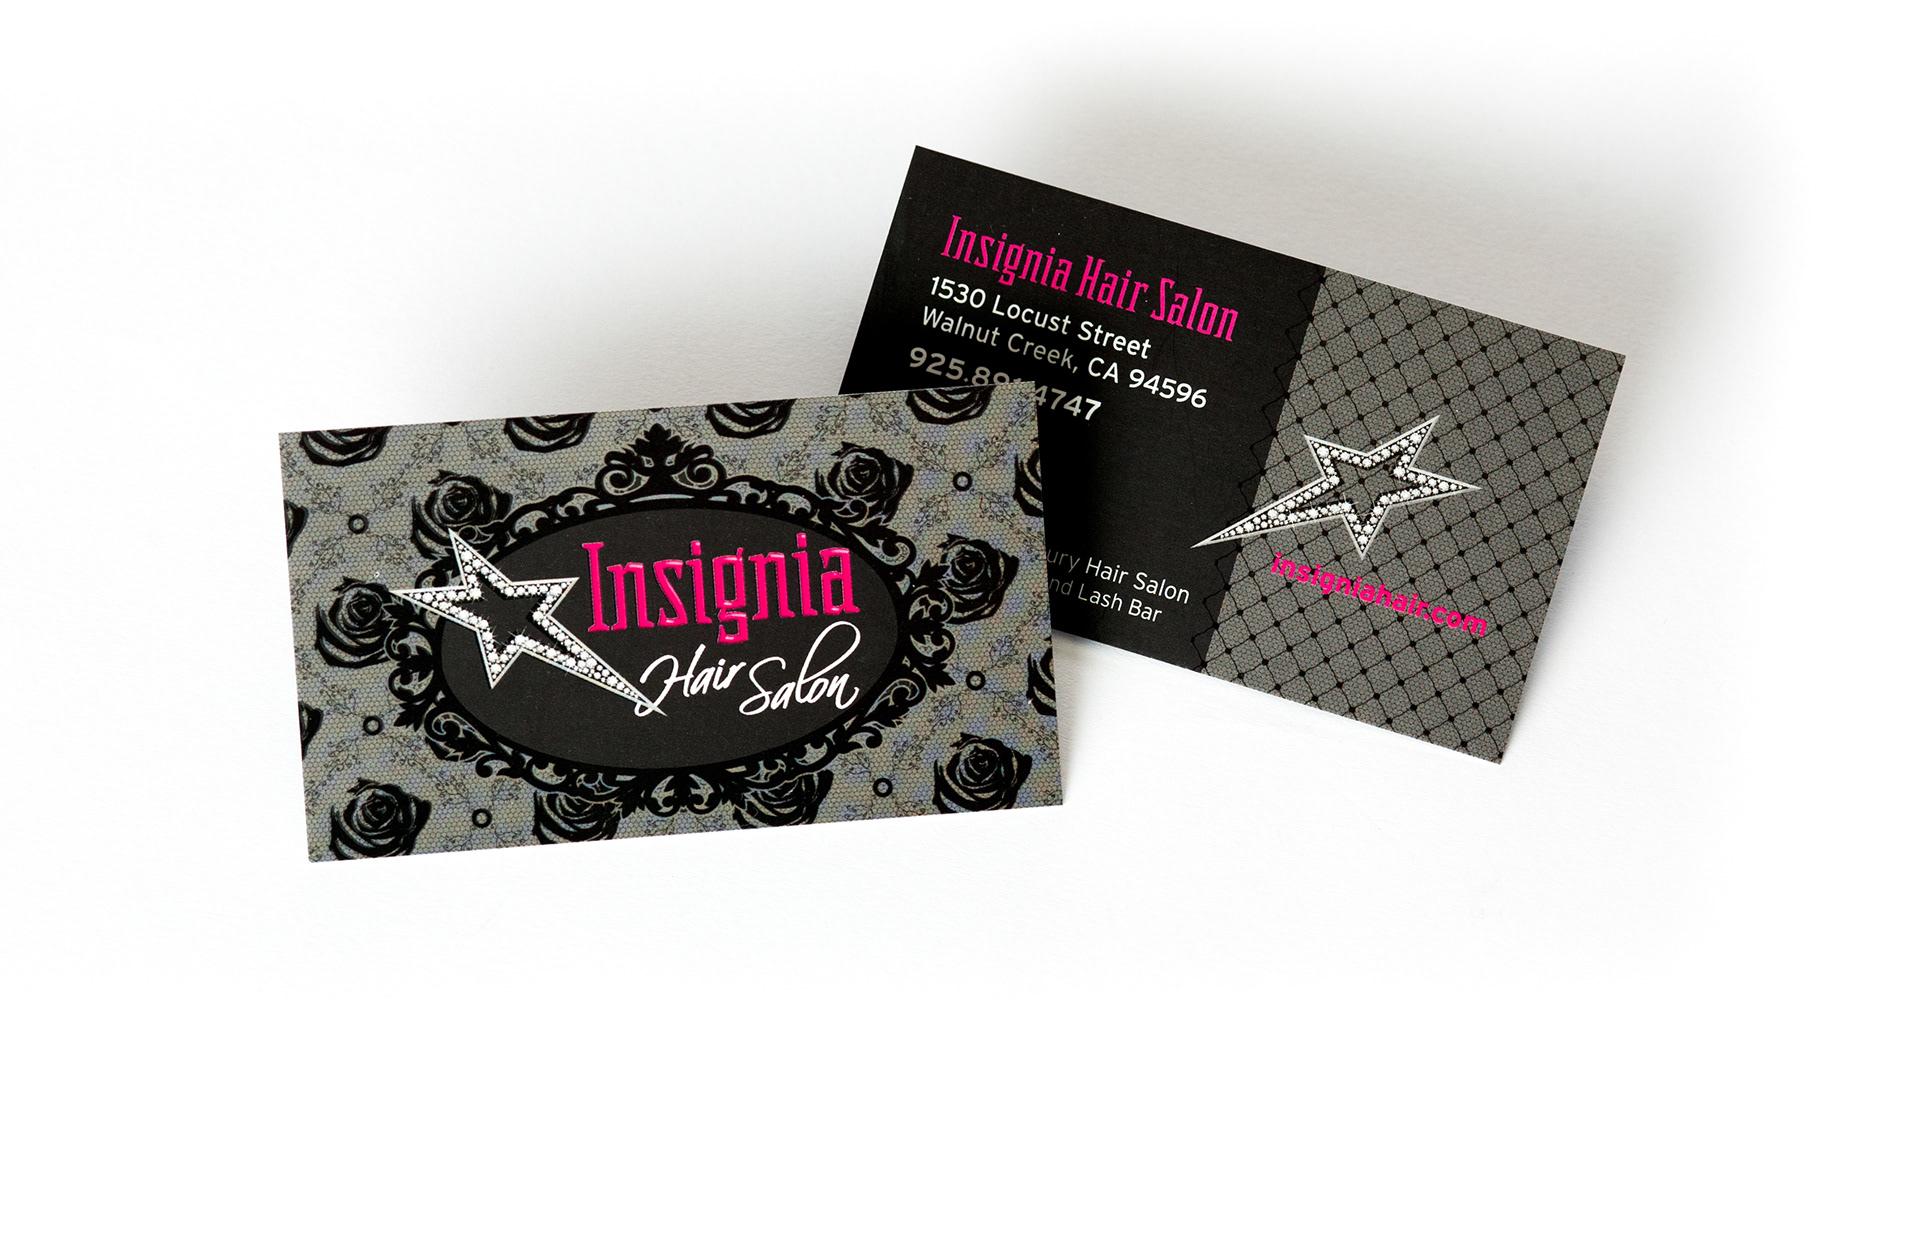 Lani Schreibstein Visual Designer Insignia Hair Salon Business Card